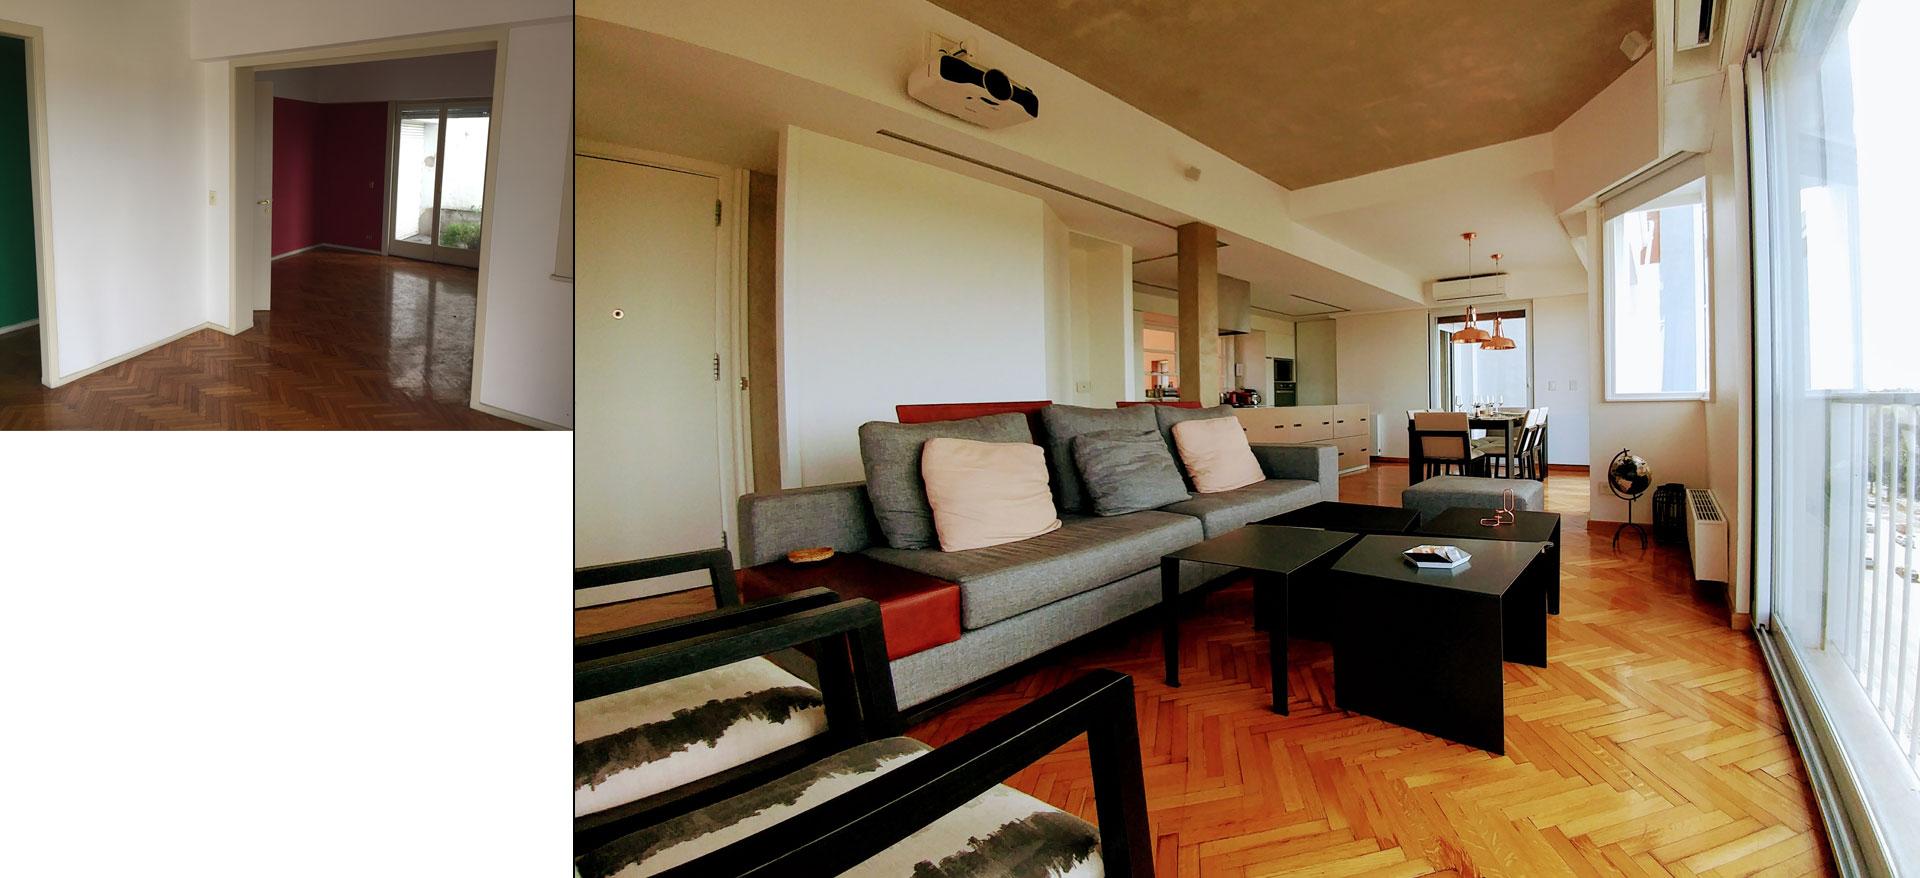 Antes y después, tras la reforma de arquitectura e interiorismo, living comedor amplios y conectados de diseño moderno